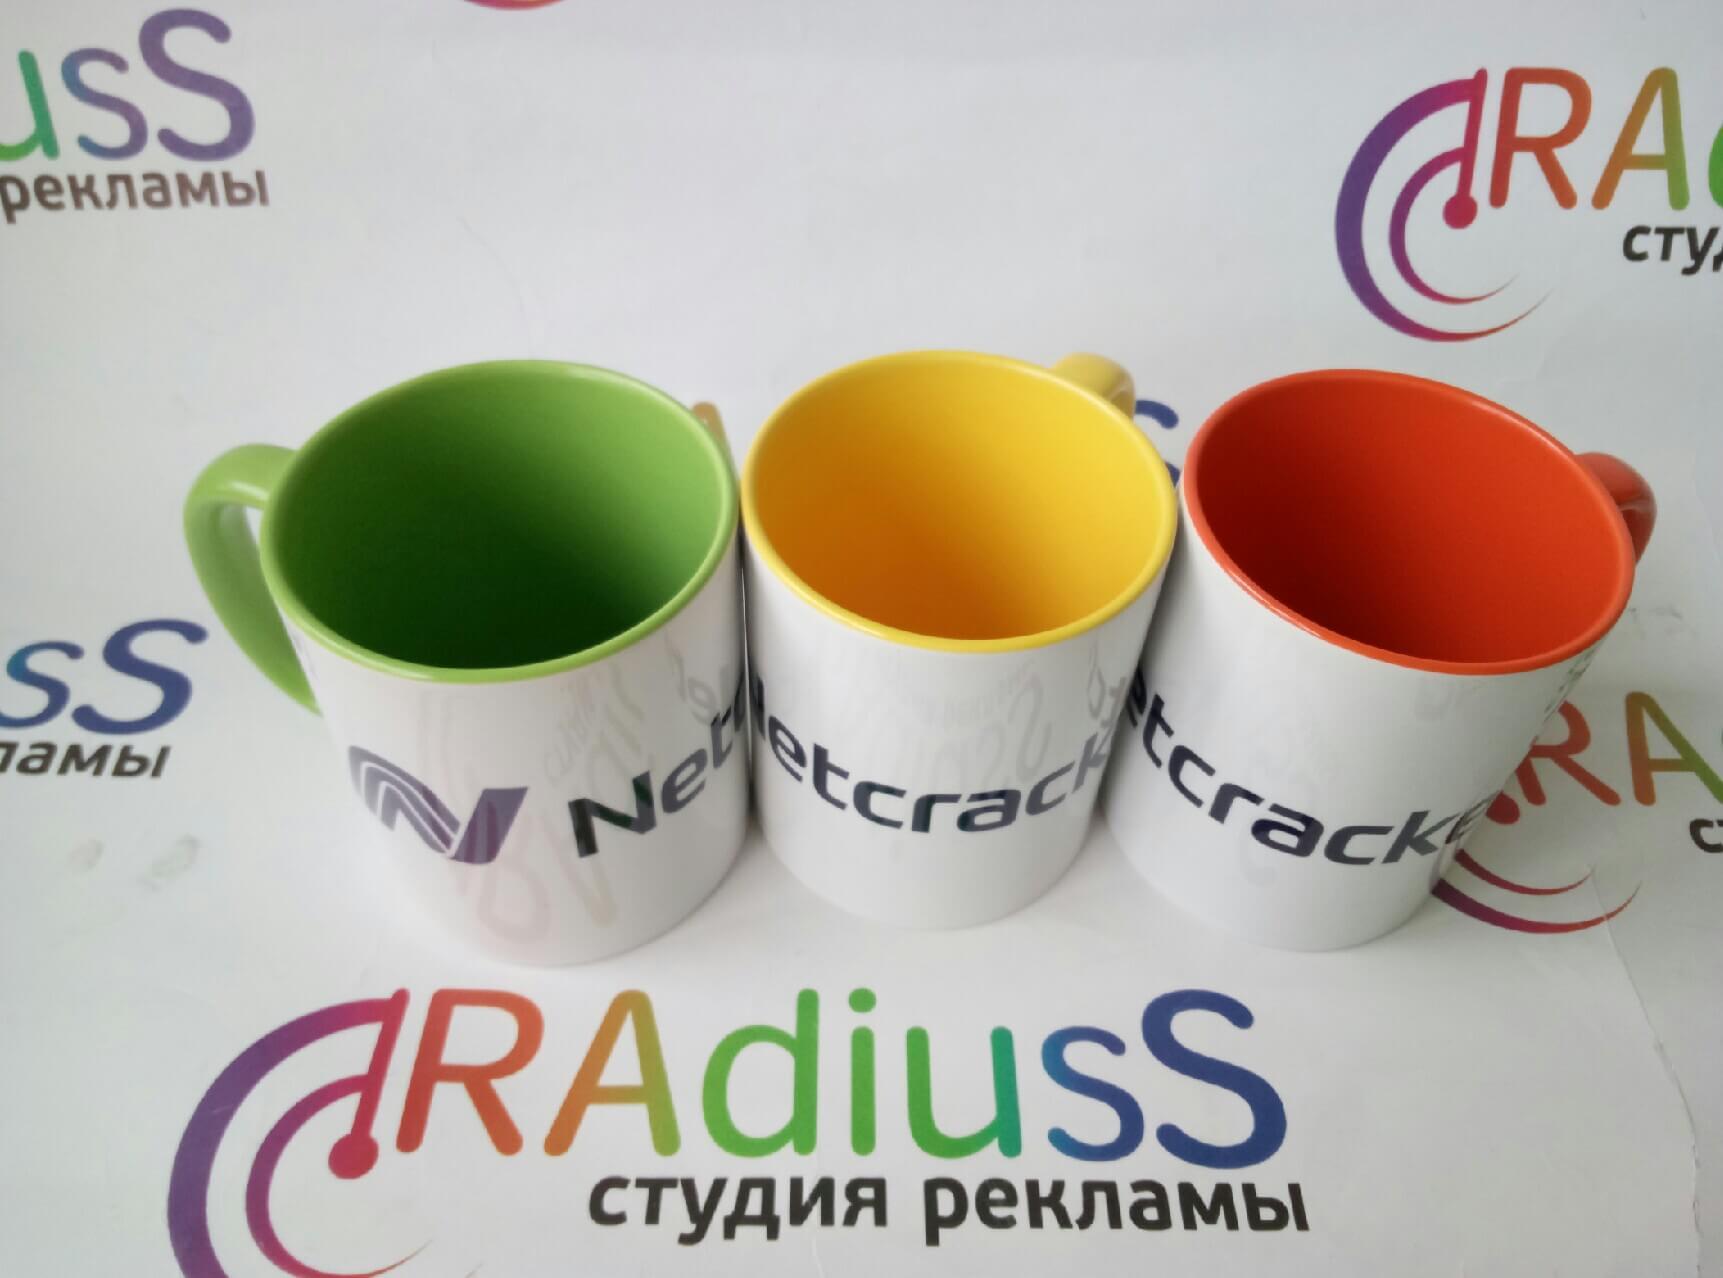 Печать на чашках фото № 1